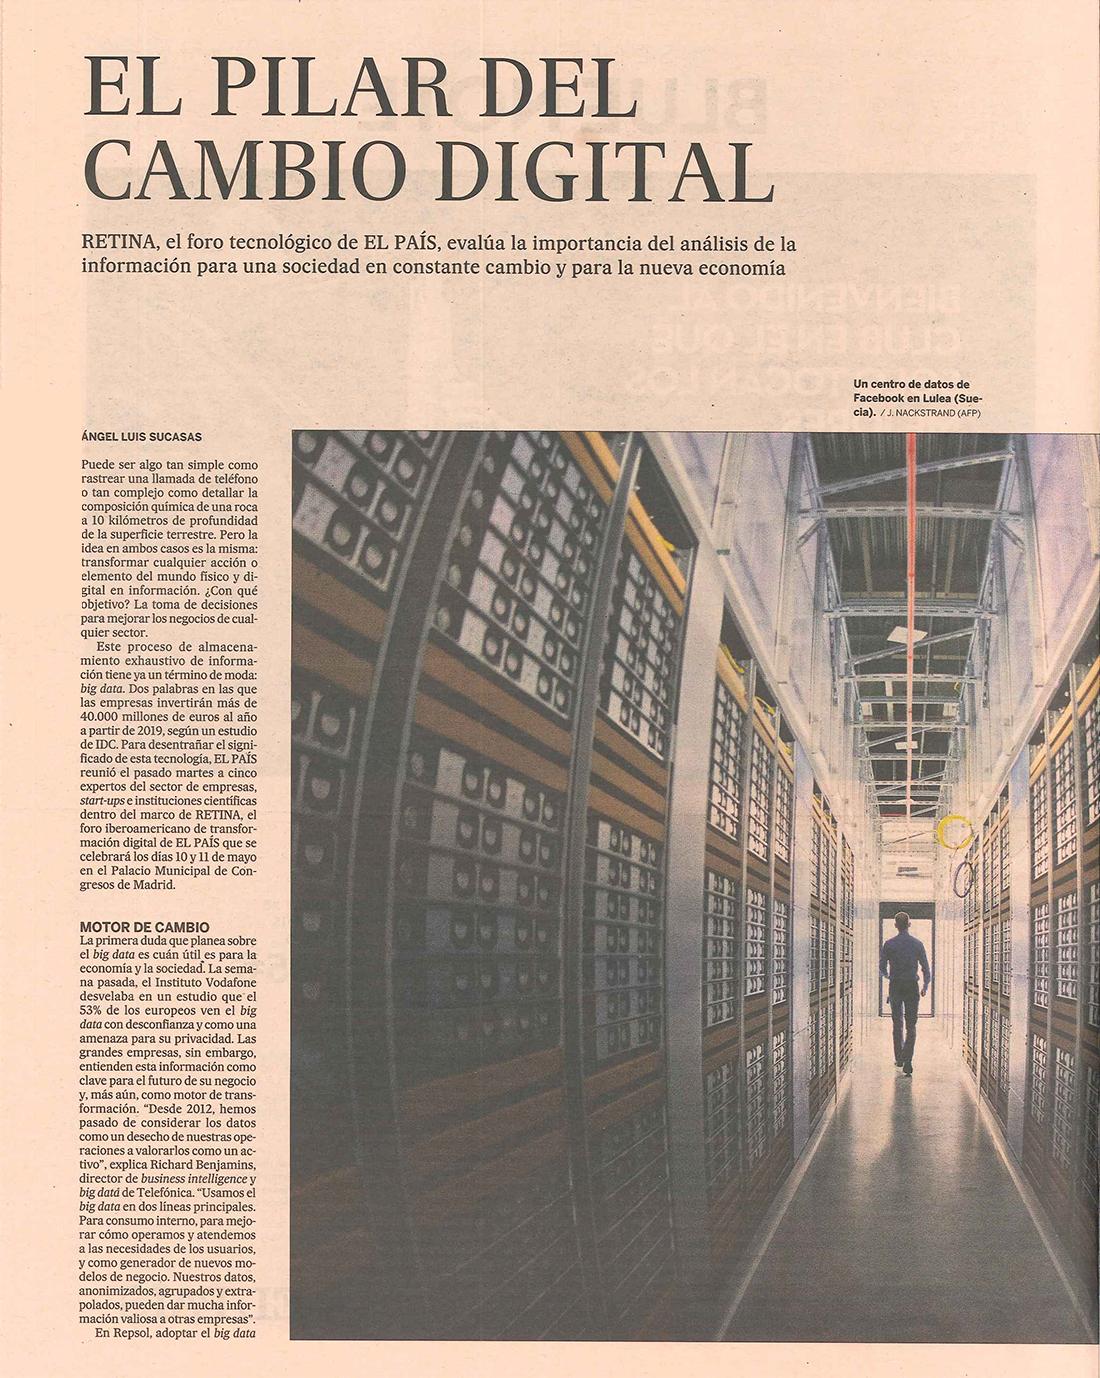 El País - El Pilar del Cambio Digital